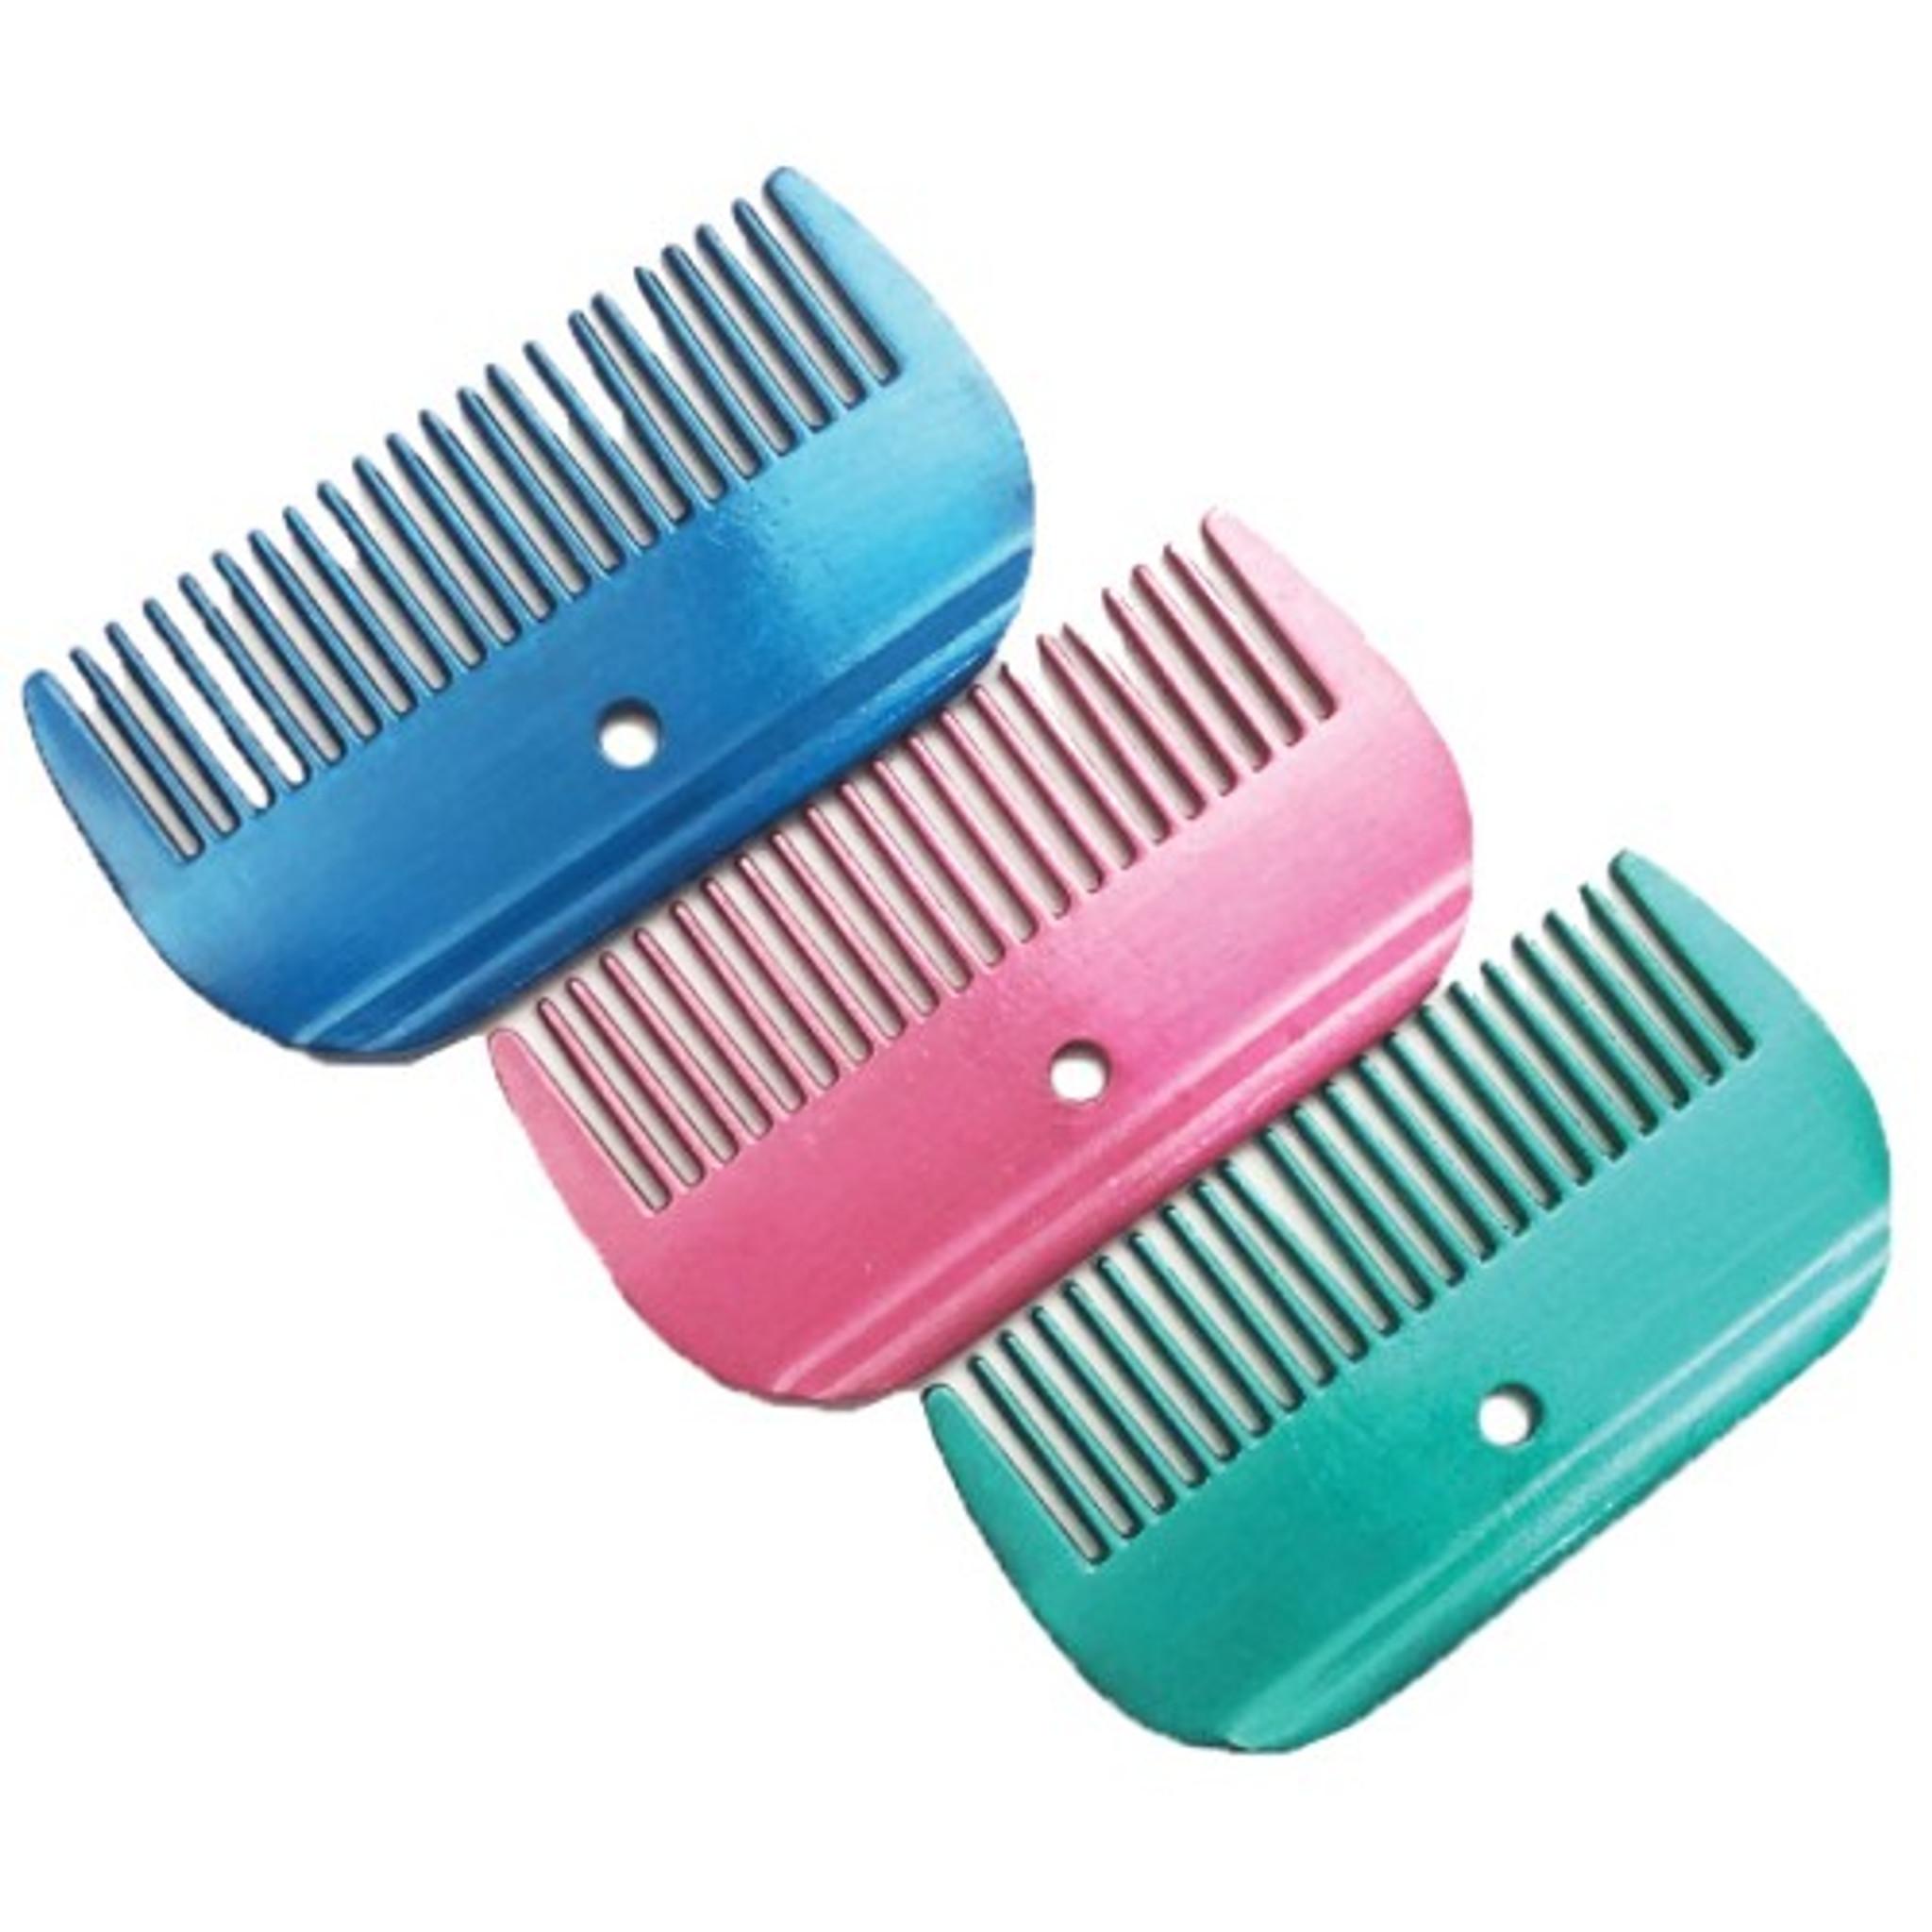 Aluminium Mane Comb